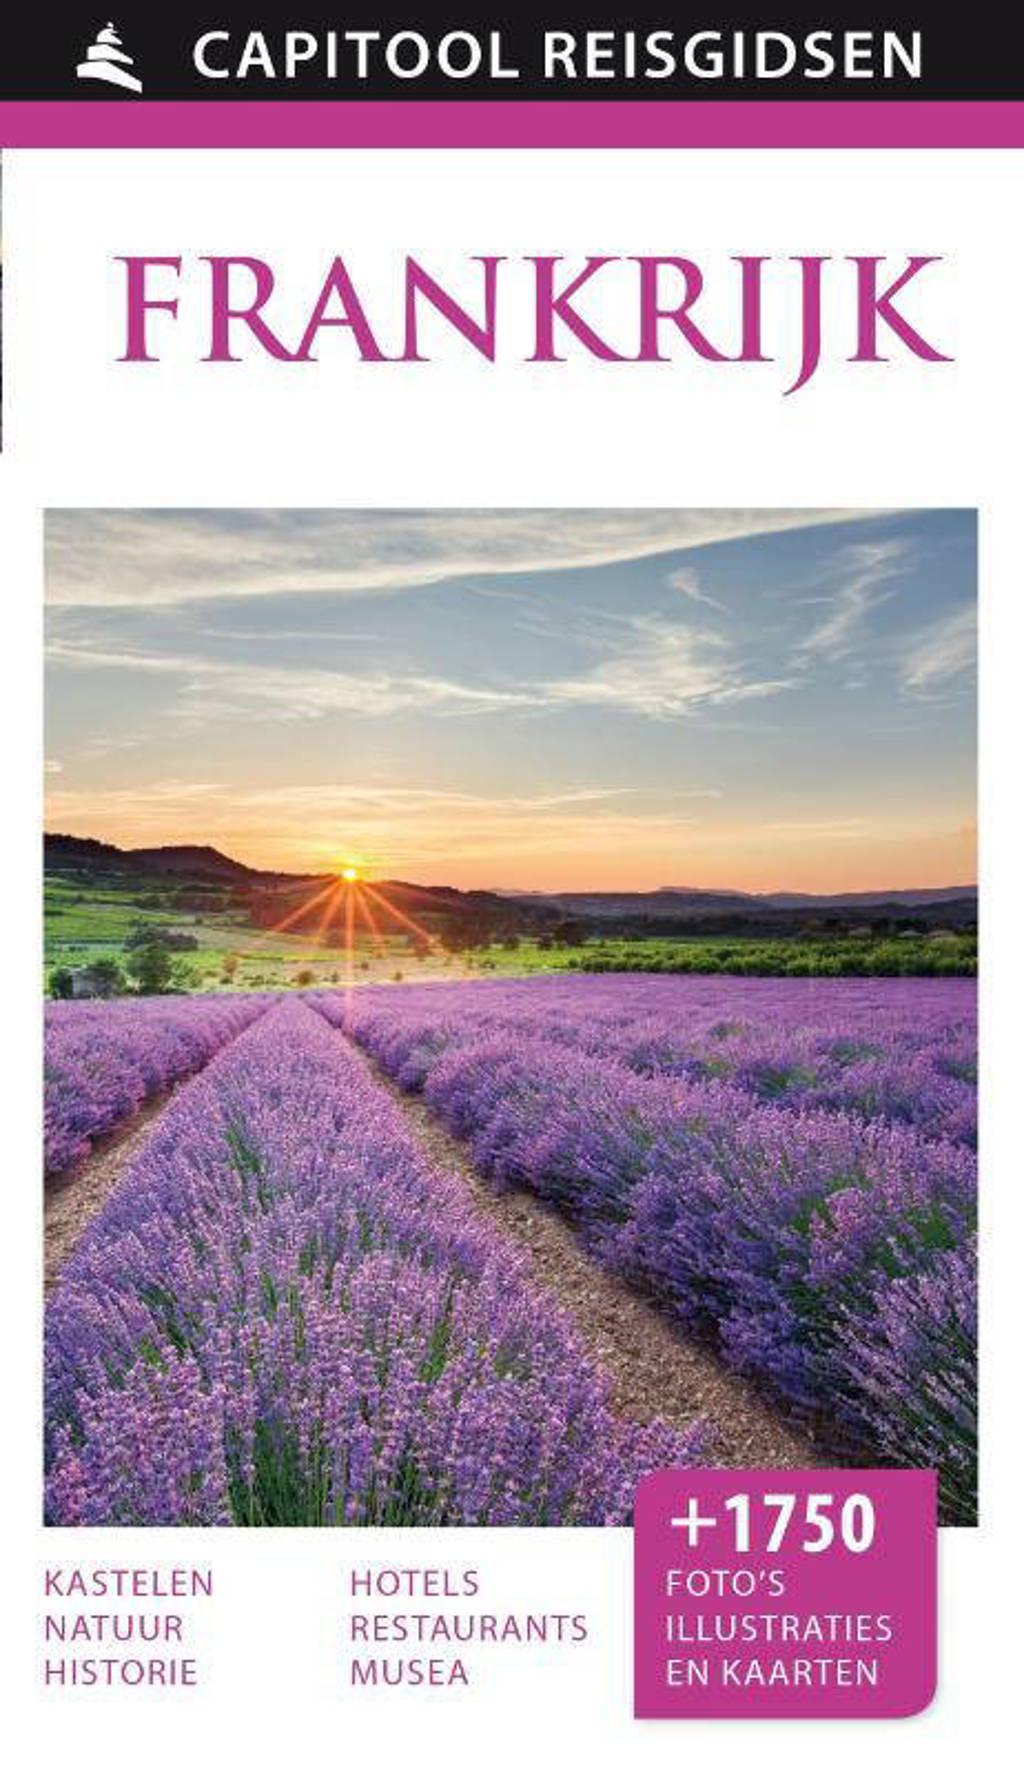 Capitool reisgidsen: Frankrijk - John Ardagh